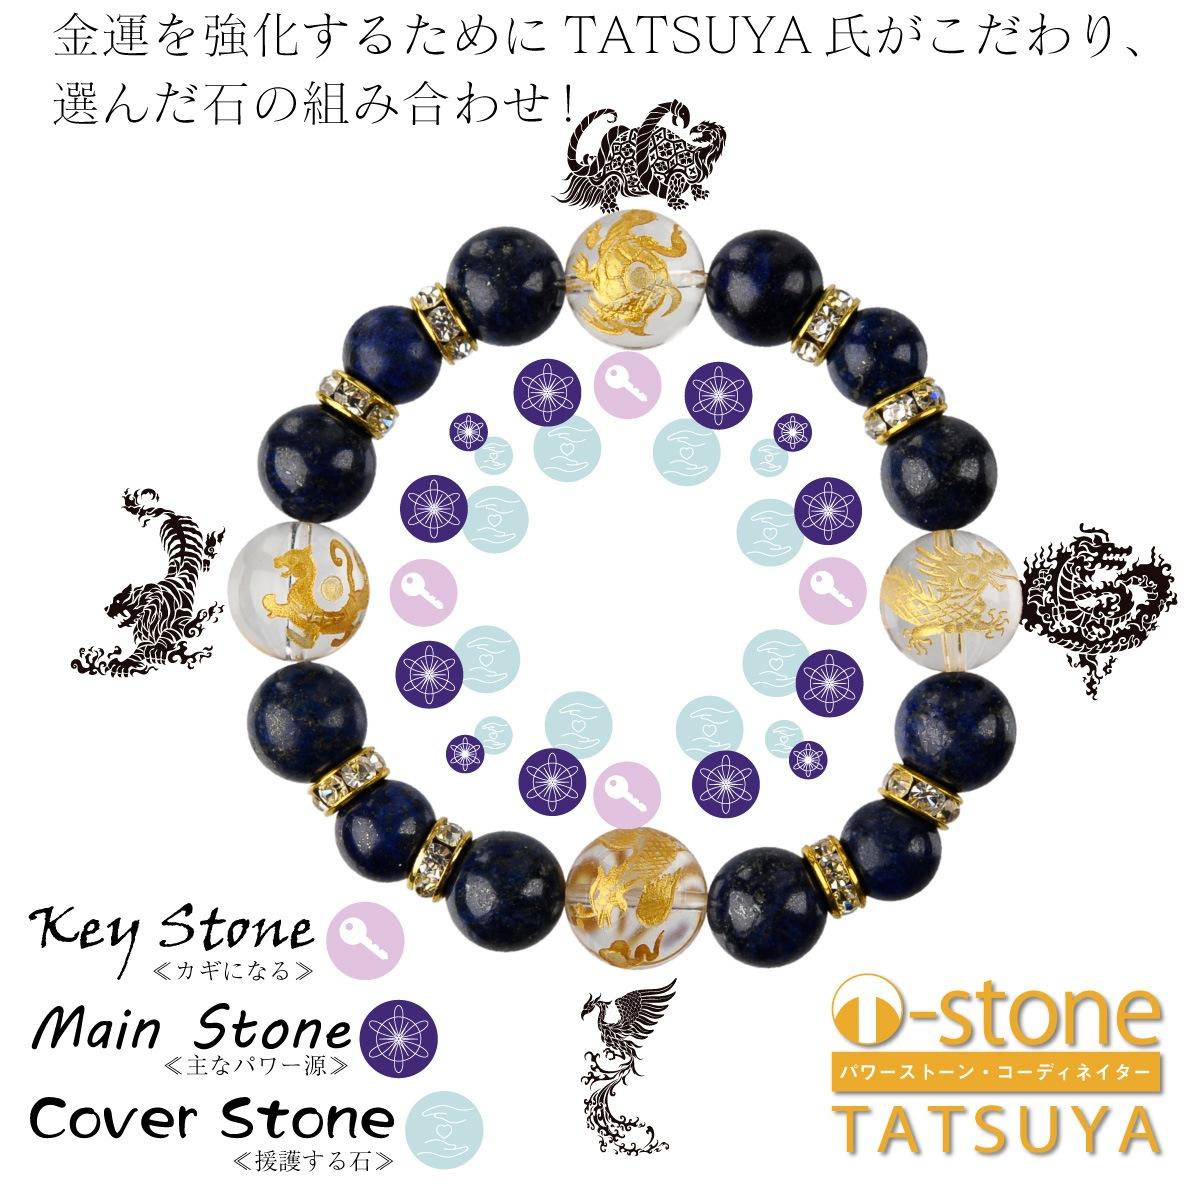 【T-stone】 四神ラヴァーズ� ≫オーダーメイドの開運ブレスレット→幸せの探求